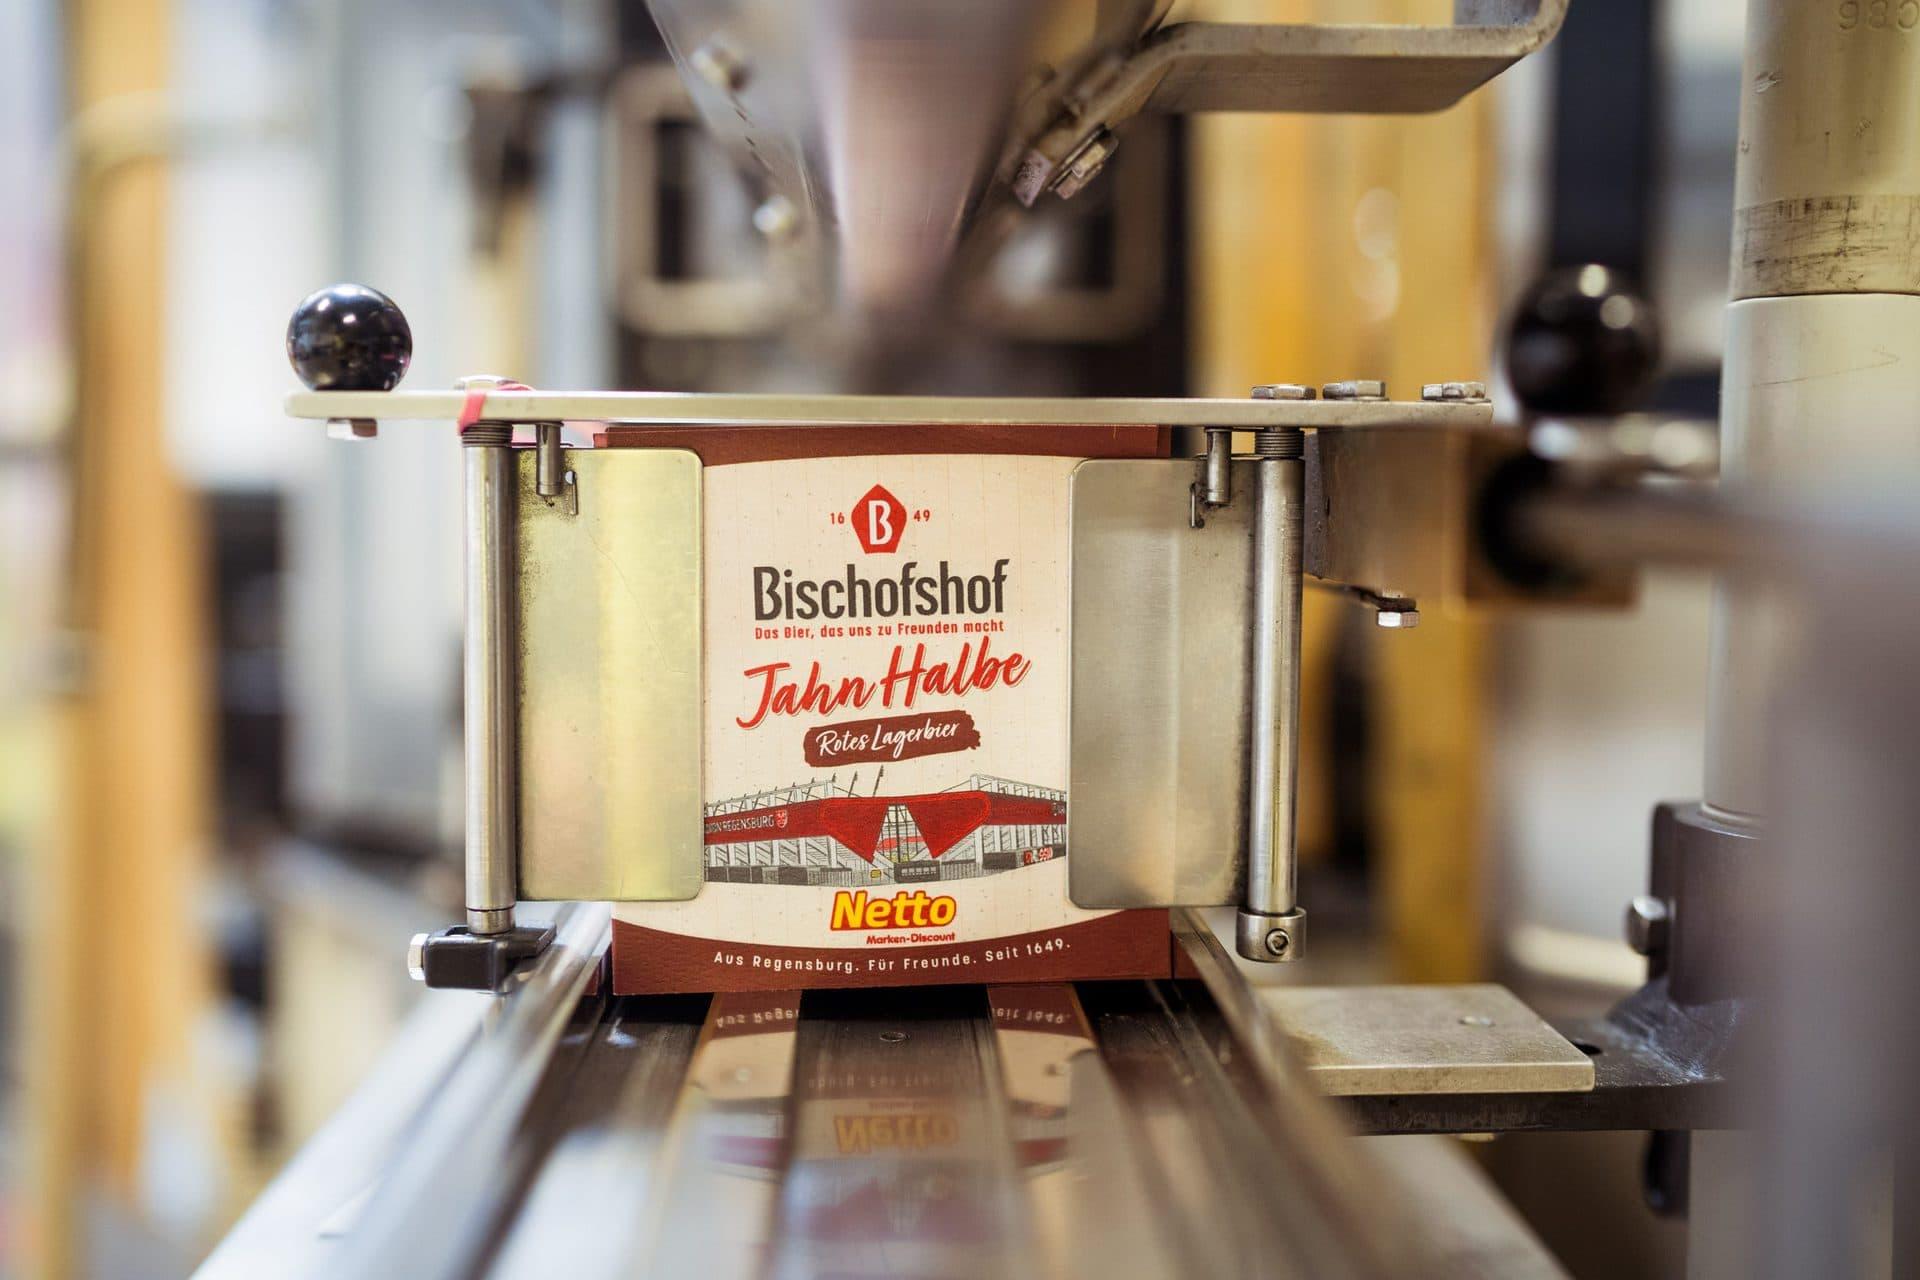 Die neue Jahn Halbe von Bischofshof Getreu den Farben des Vereins, der Stadt und der Brauerei ist die neue Jahn Halbe ein rotes Bier